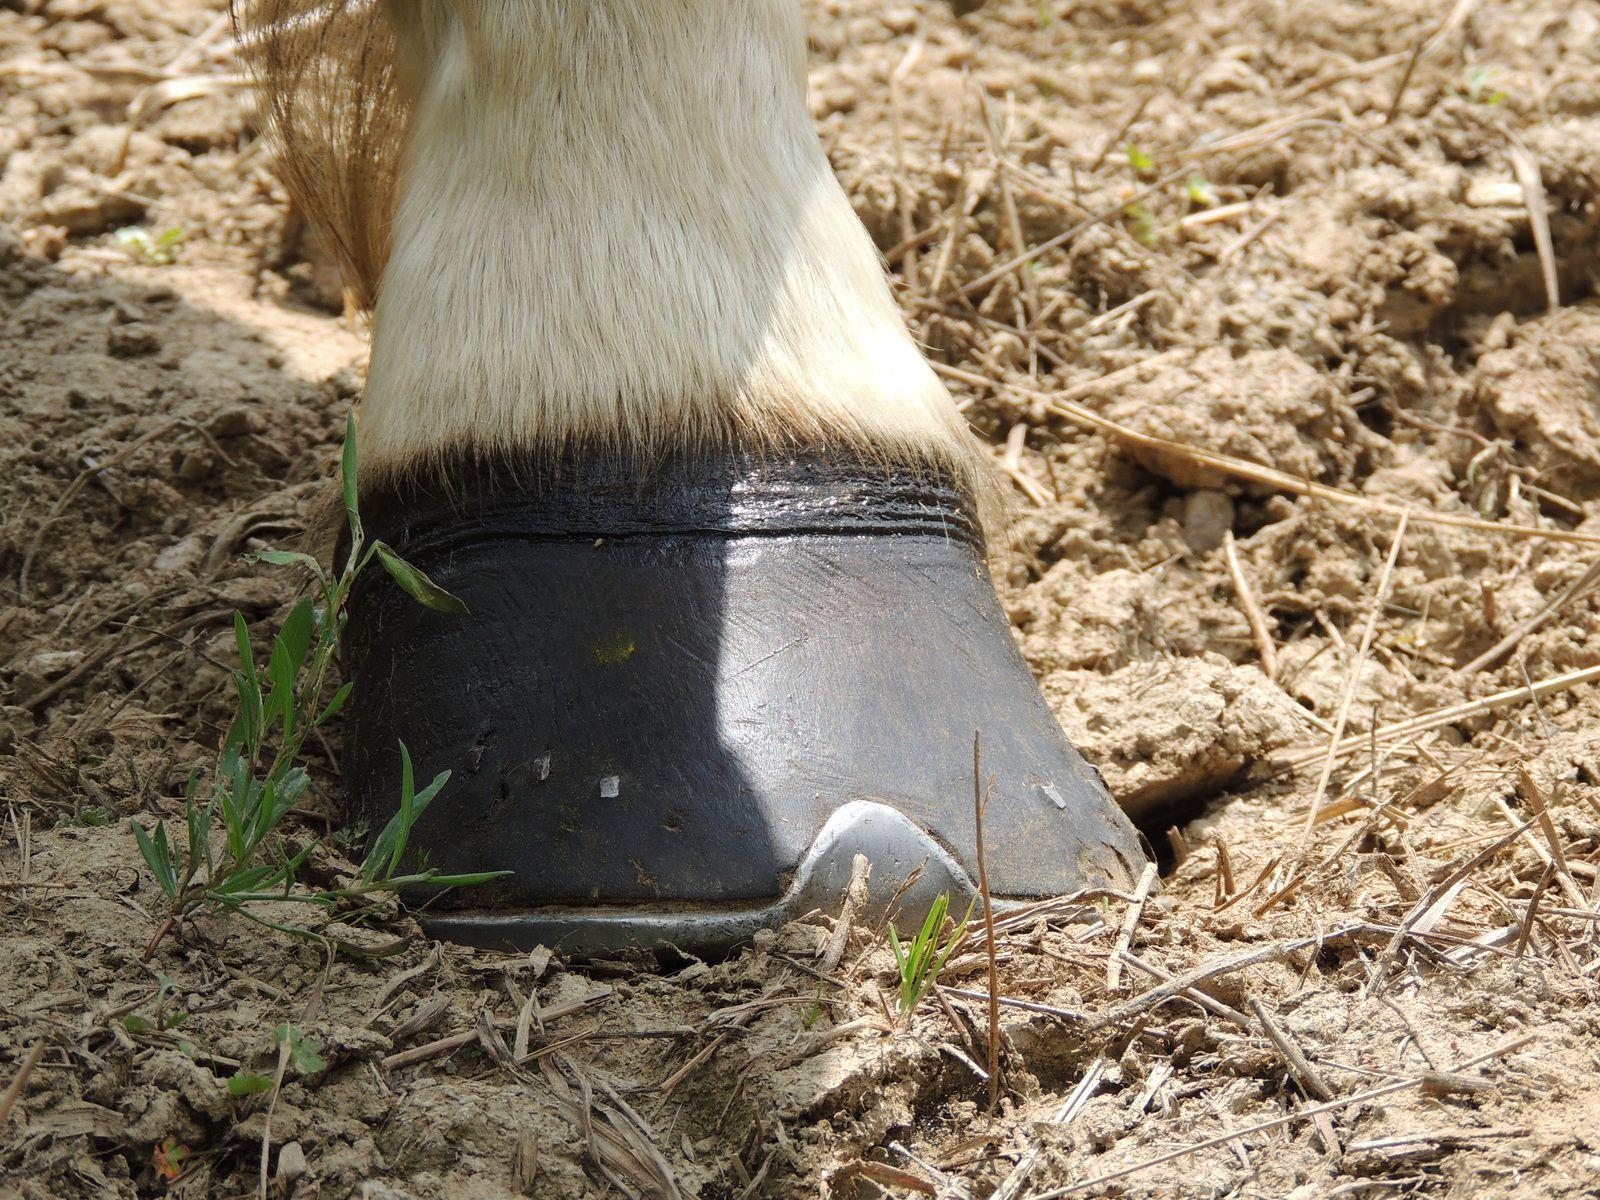 Sabot de cheval. Techniques d'élevage 2014. Image soumise à droits d'auteur.